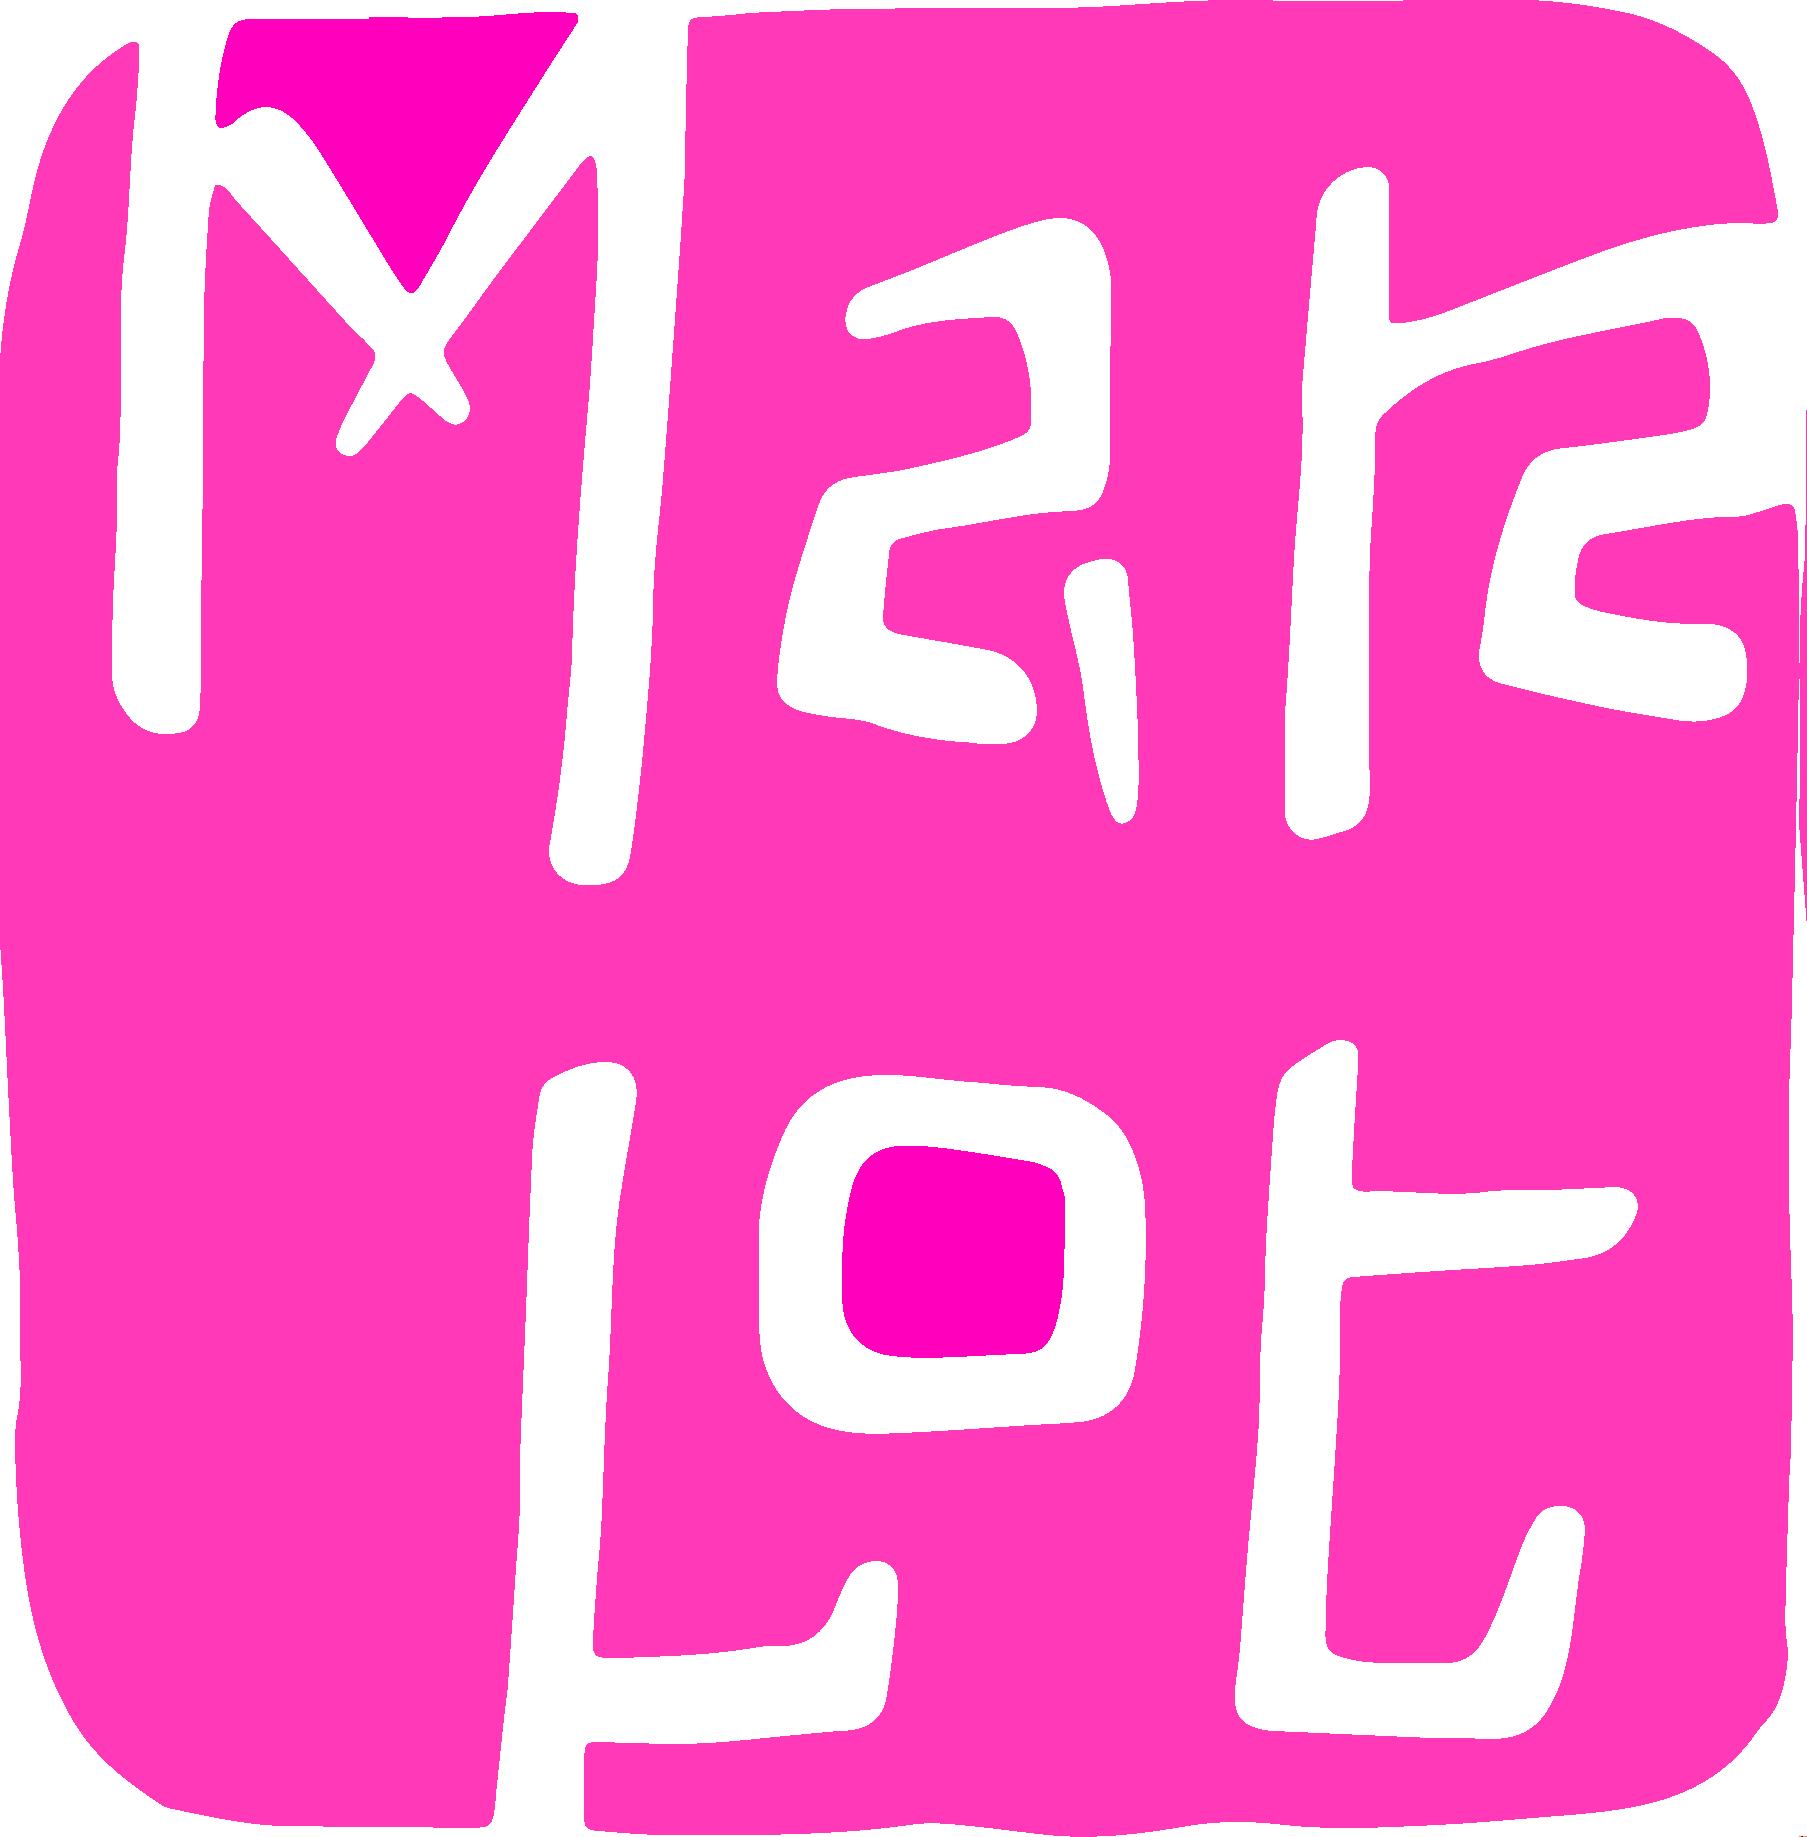 Marlot de Vries